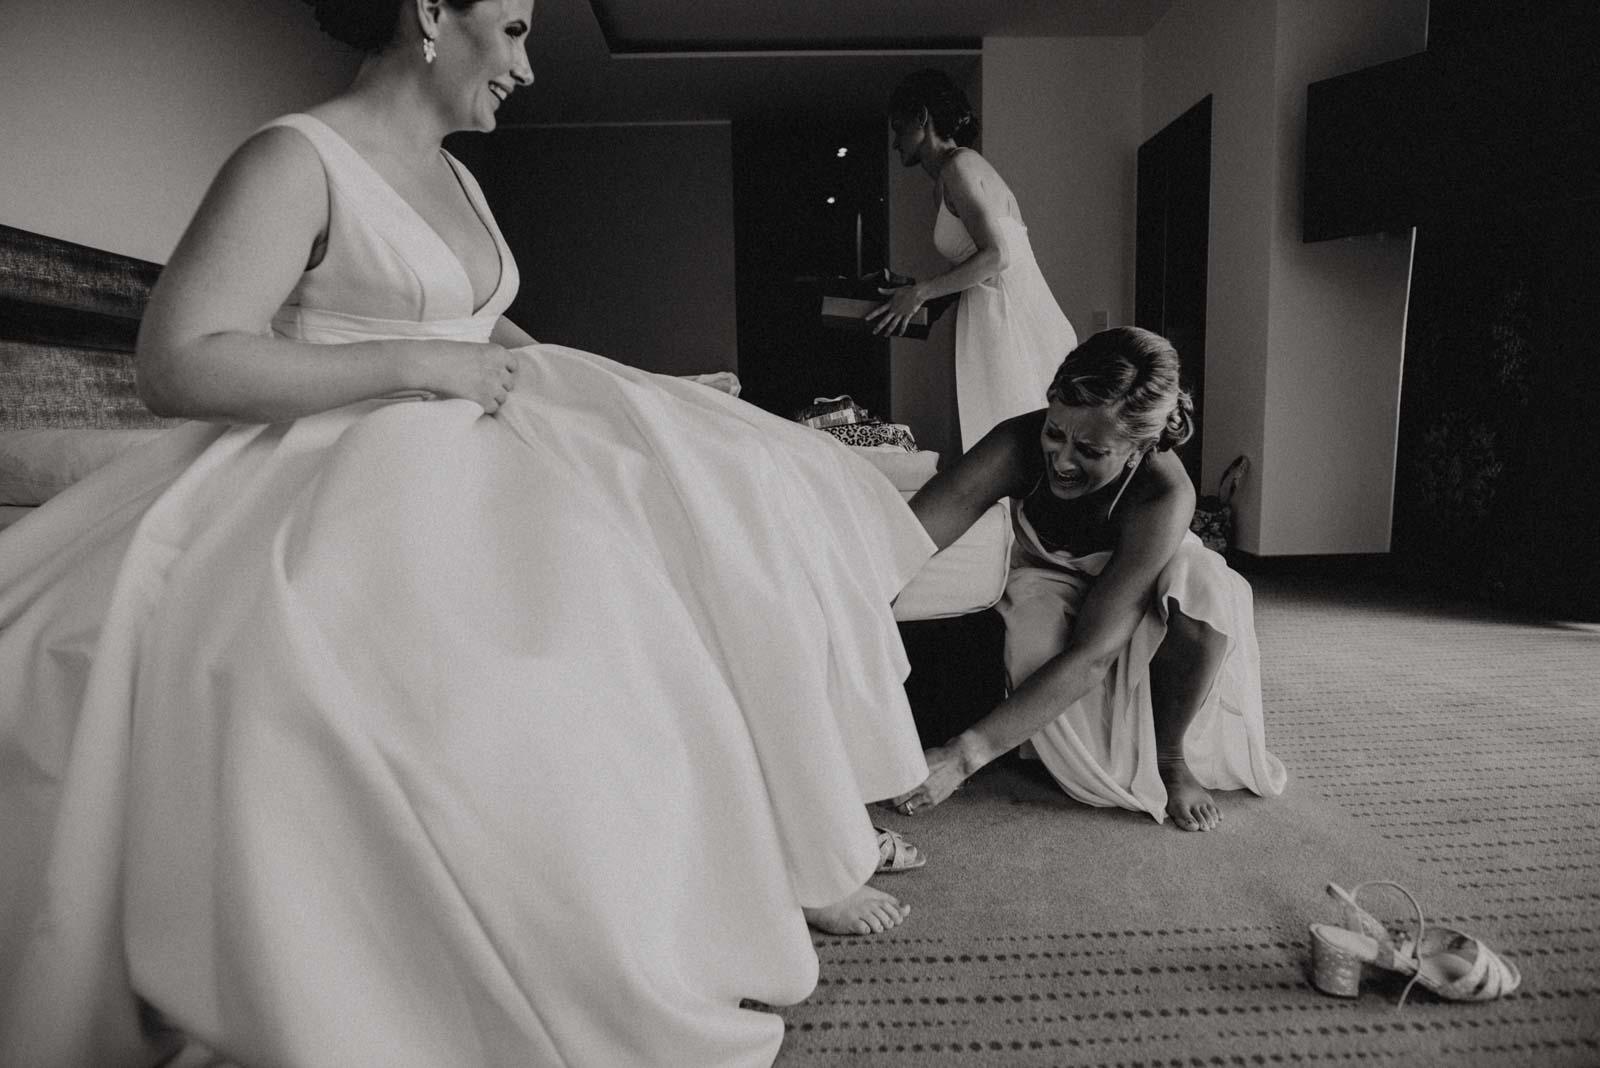 Brautjungfer hilft Braut ins Hochzeitskleid